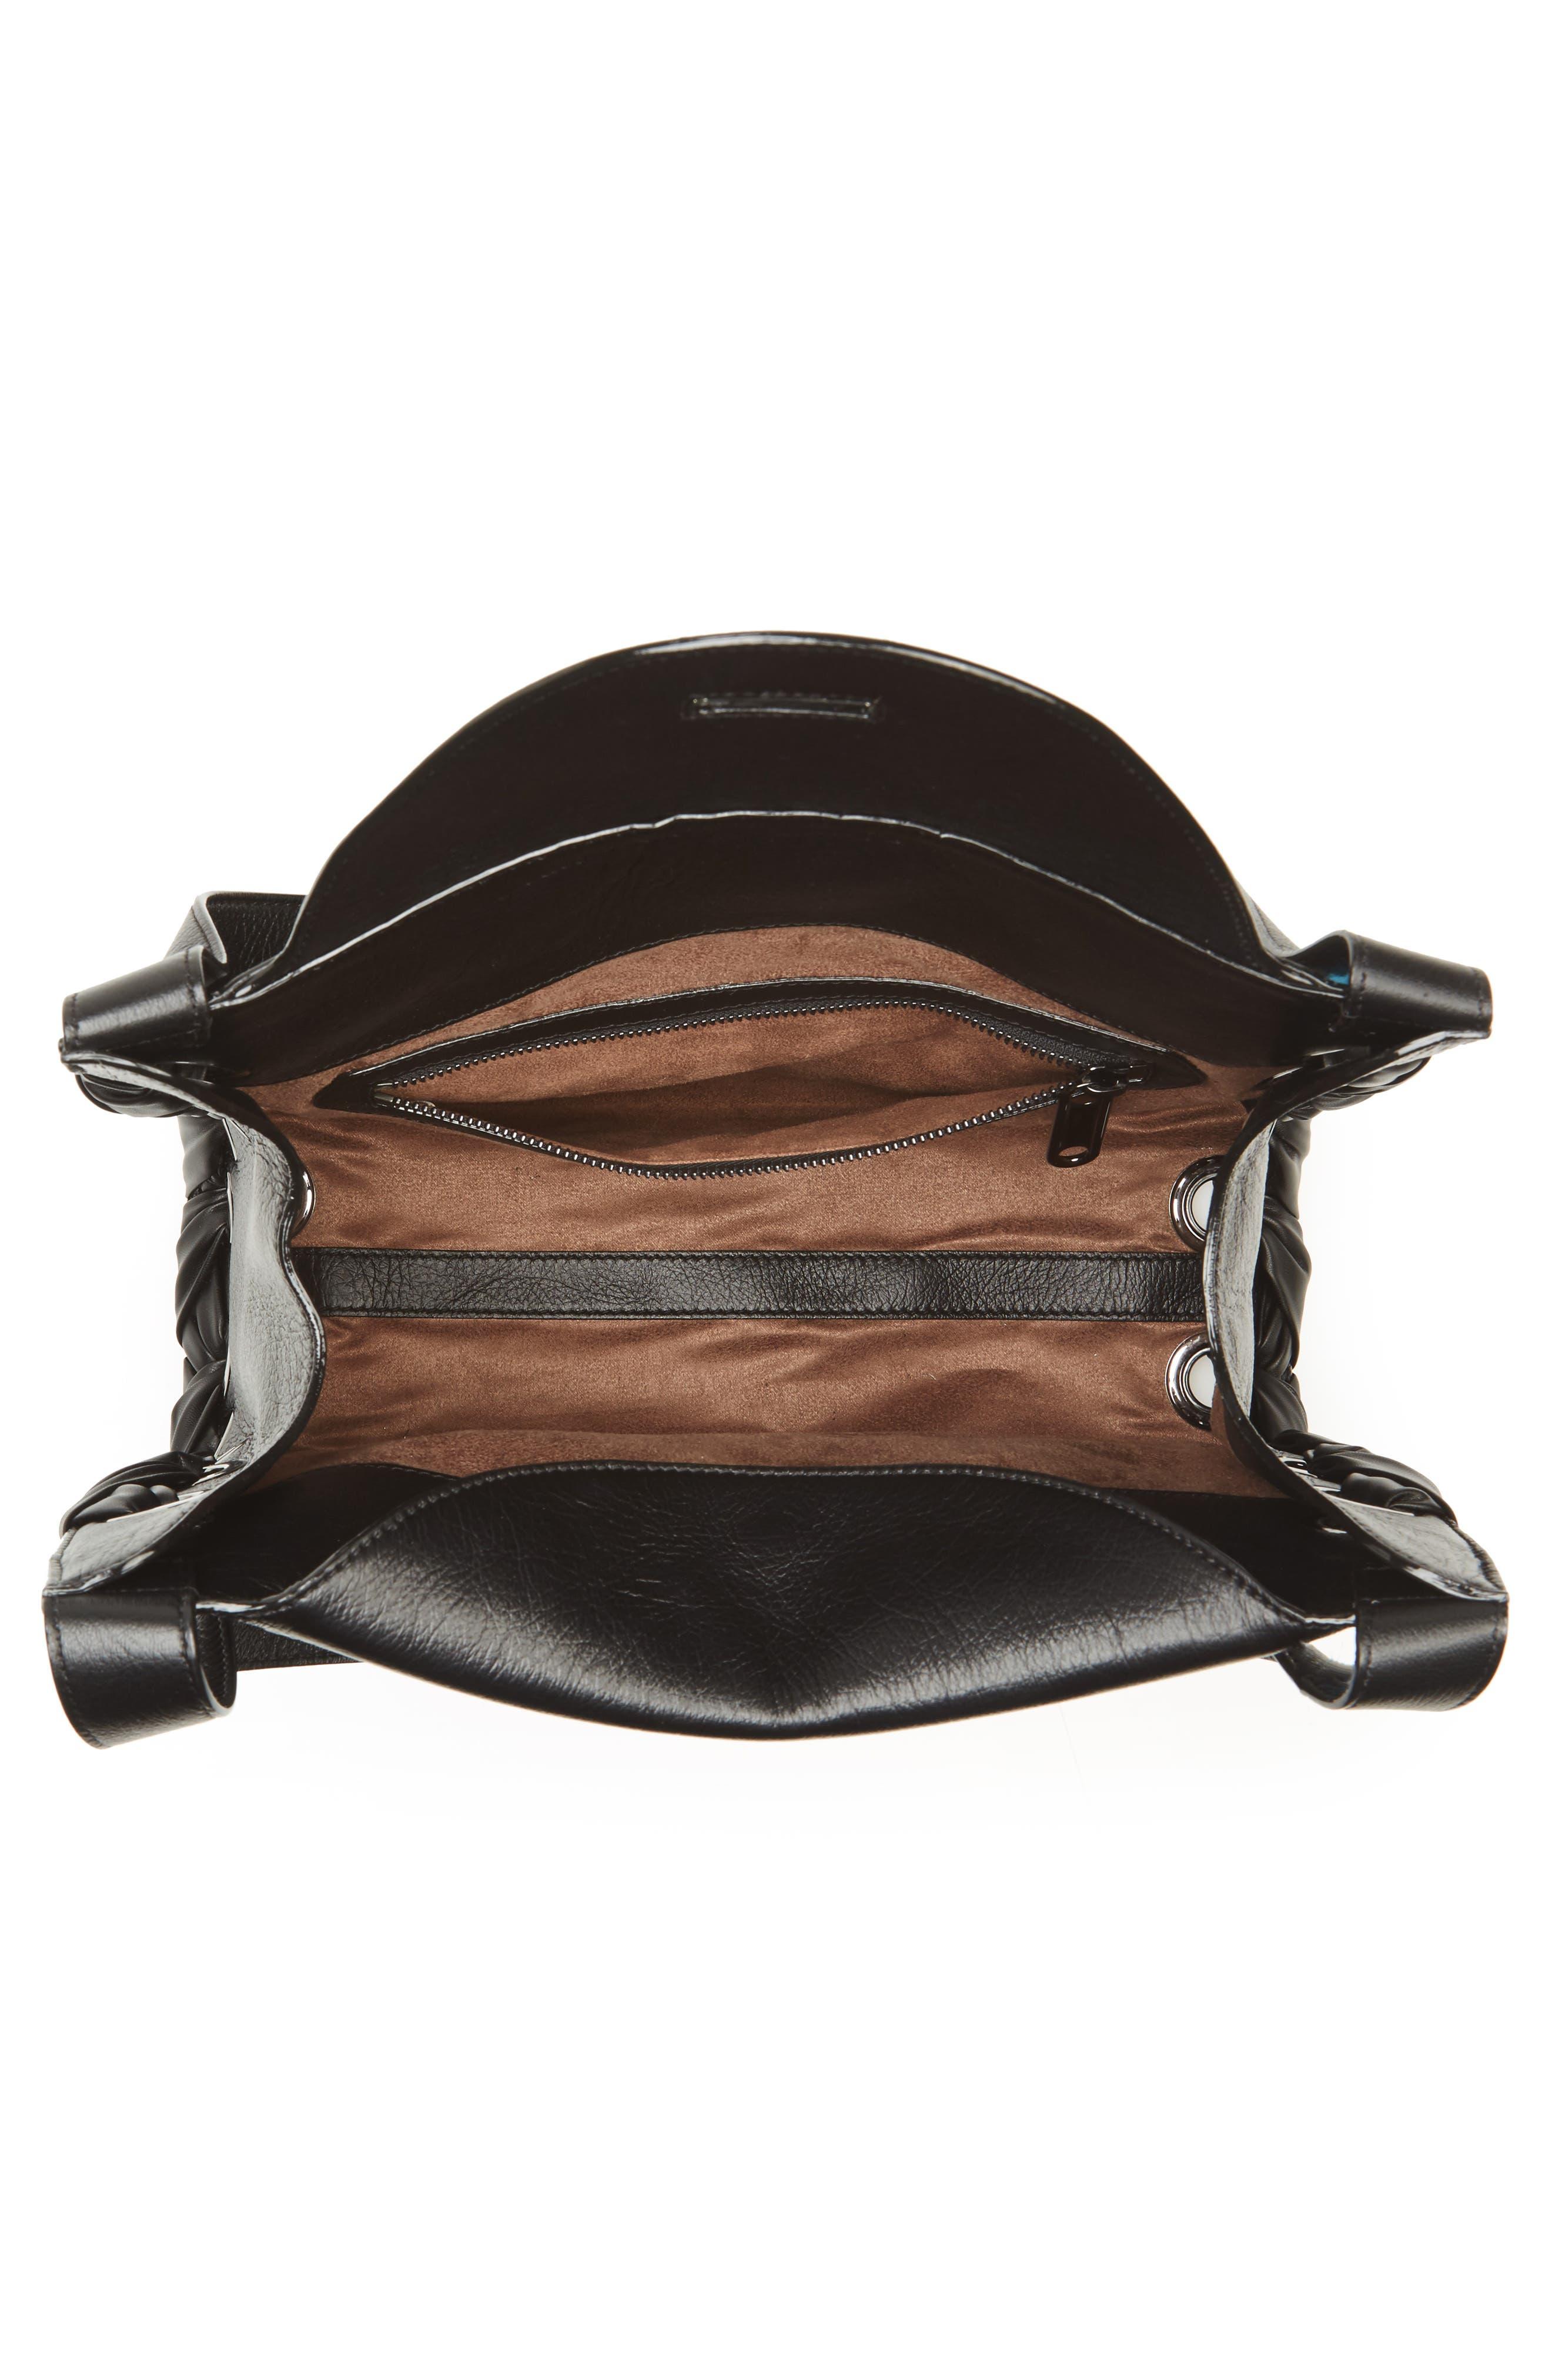 Rebel Leather Shoulder Bag,                             Alternate thumbnail 4, color,                             010